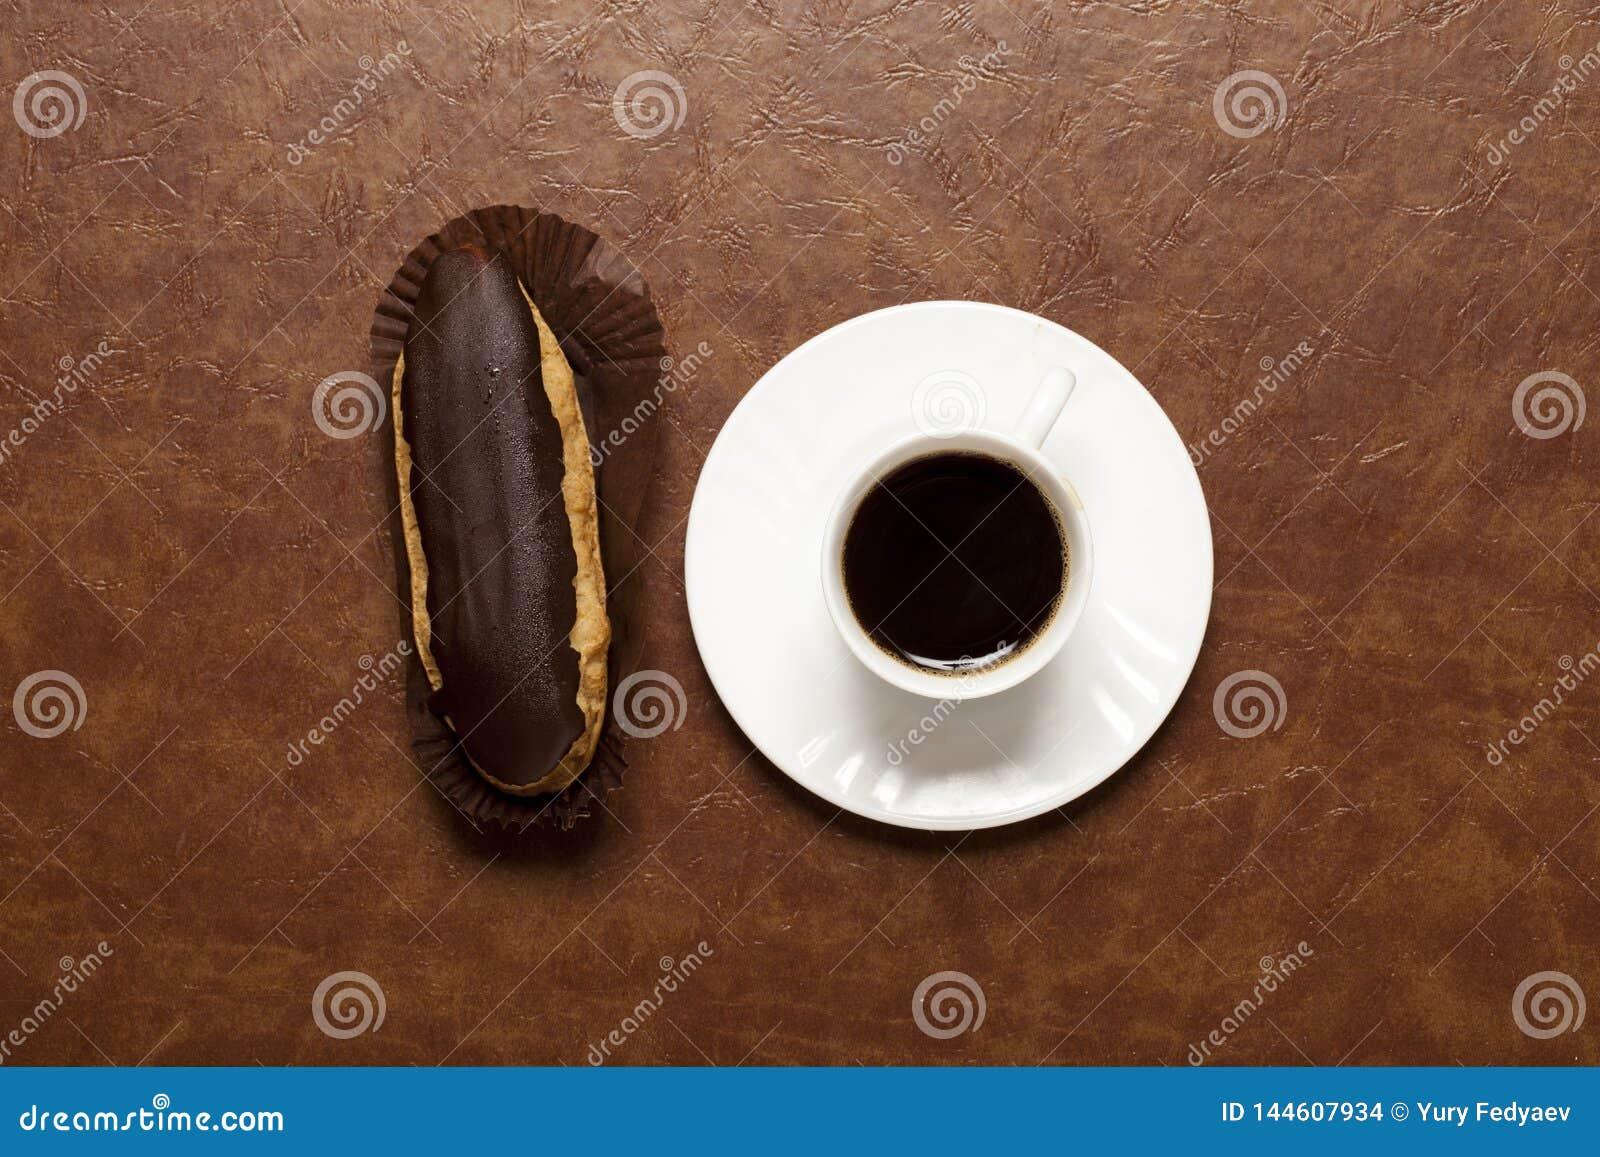 Schwarzer Kaffee, Schokolade Eclair, Kaffee in der weißen Schale, weiße Untertasse, auf brauner Tabelle, Eclair auf Stand